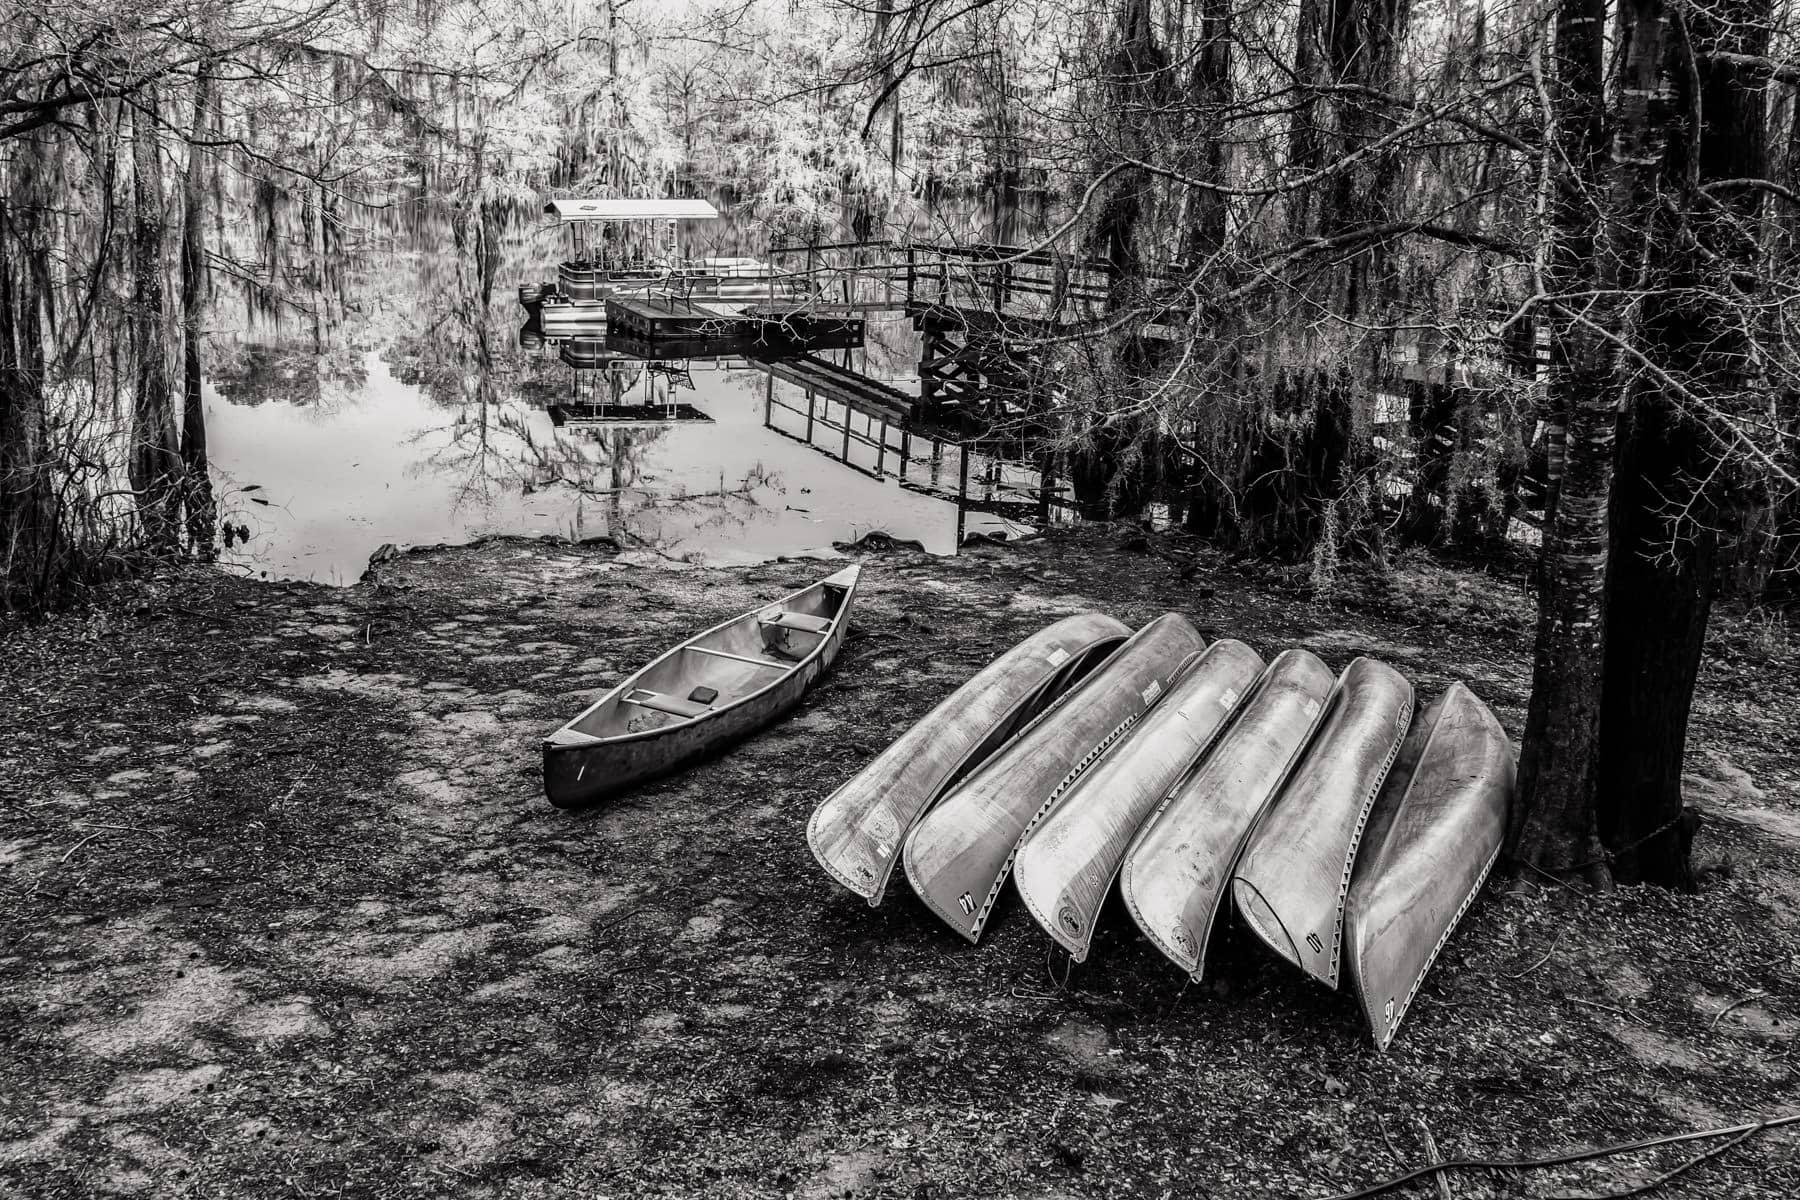 Canoes ashore at Caddo Lake State Park, Texas.